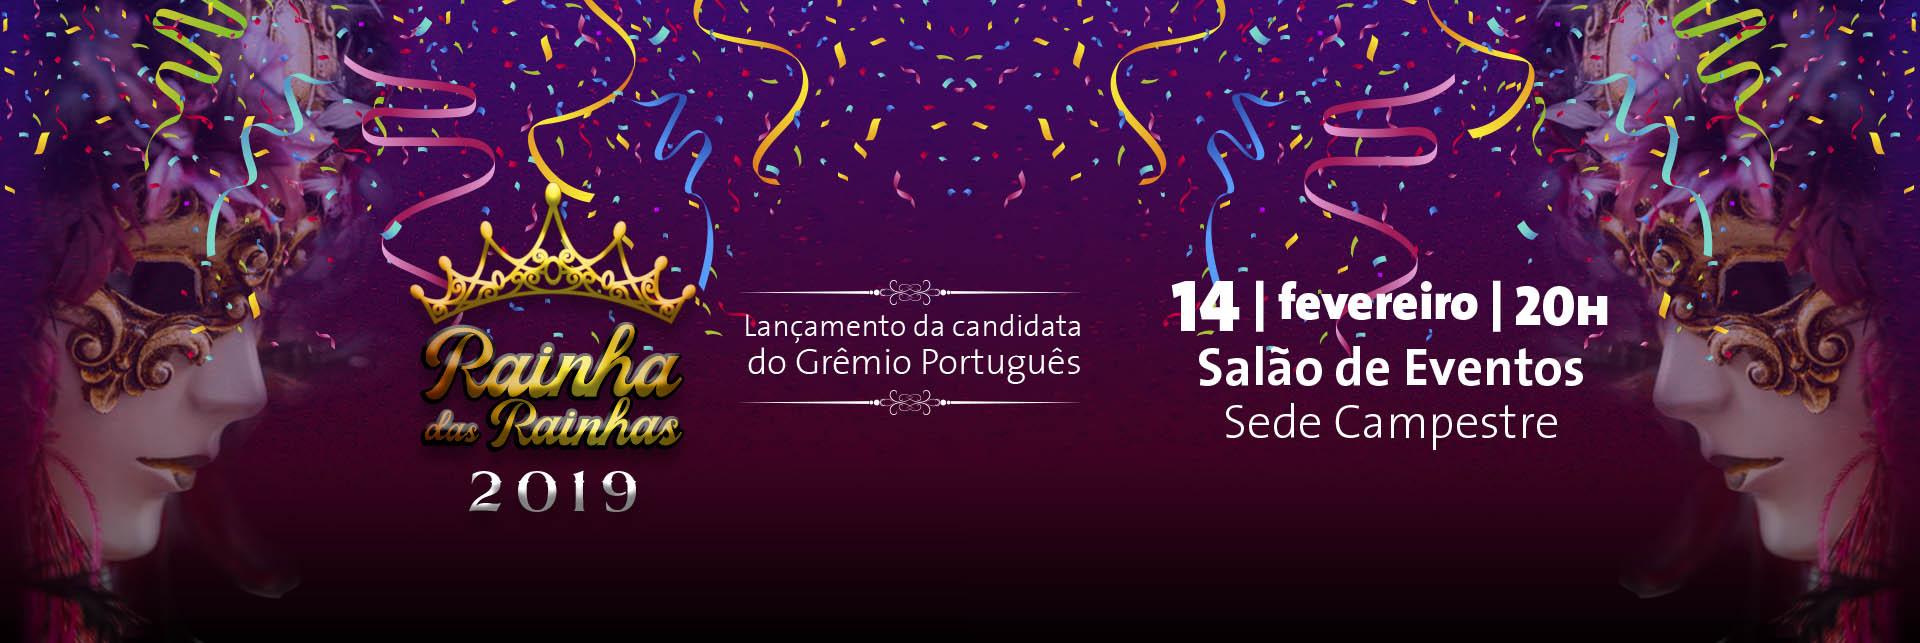 e2536df43bb O Grêmio Português lançará no dia 14 de fevereiro de 2019